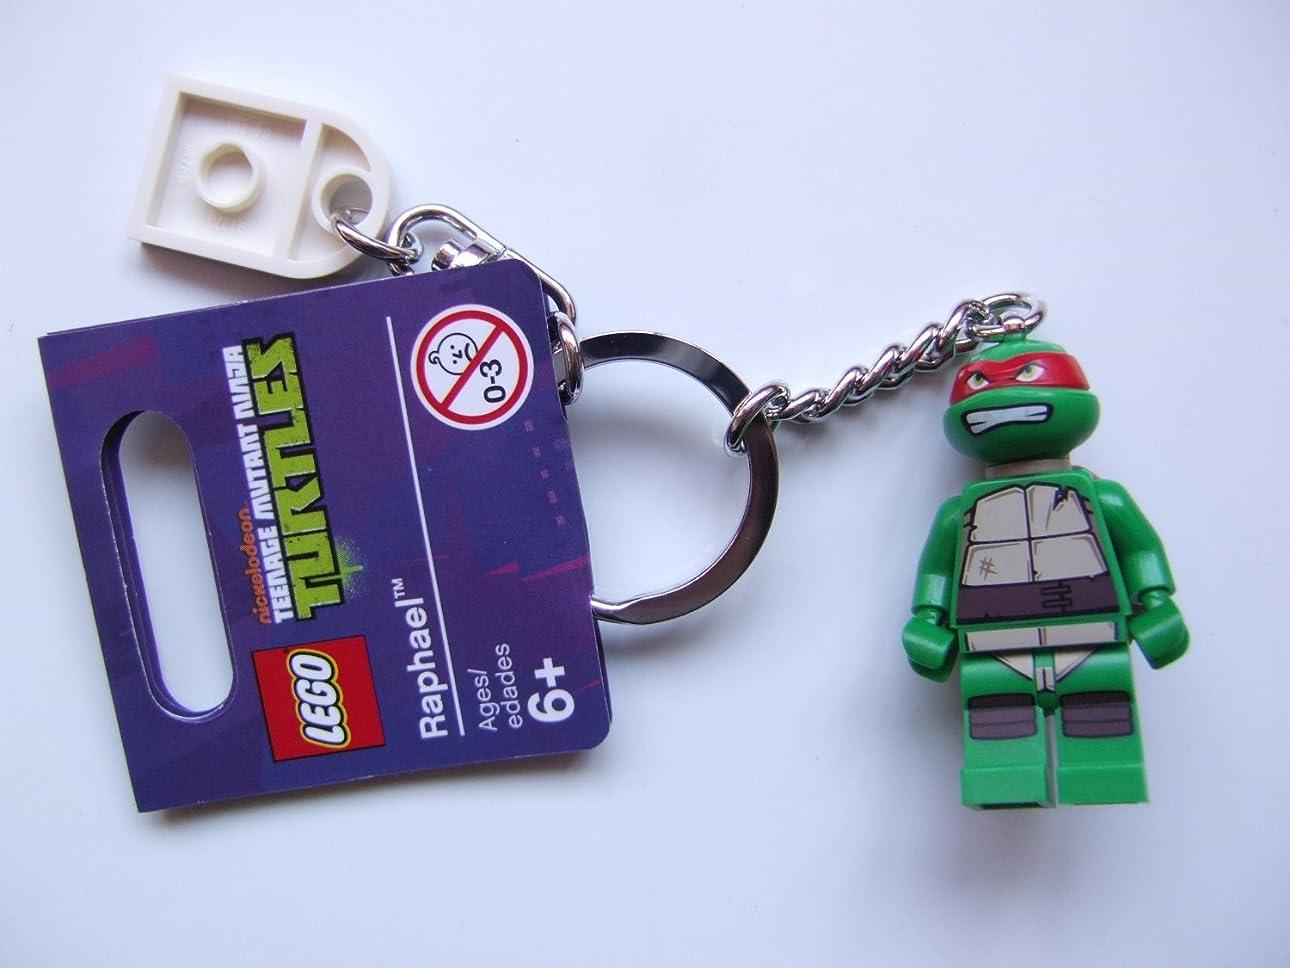 句優しさ達成するレゴ ティーンエイジ ミュータント ニンジャ タートル ラファエロ キーチェーン / LEGO Teenage Mutant Ninja Turtles Raphael Keychain 850656 [国内正規流通品]